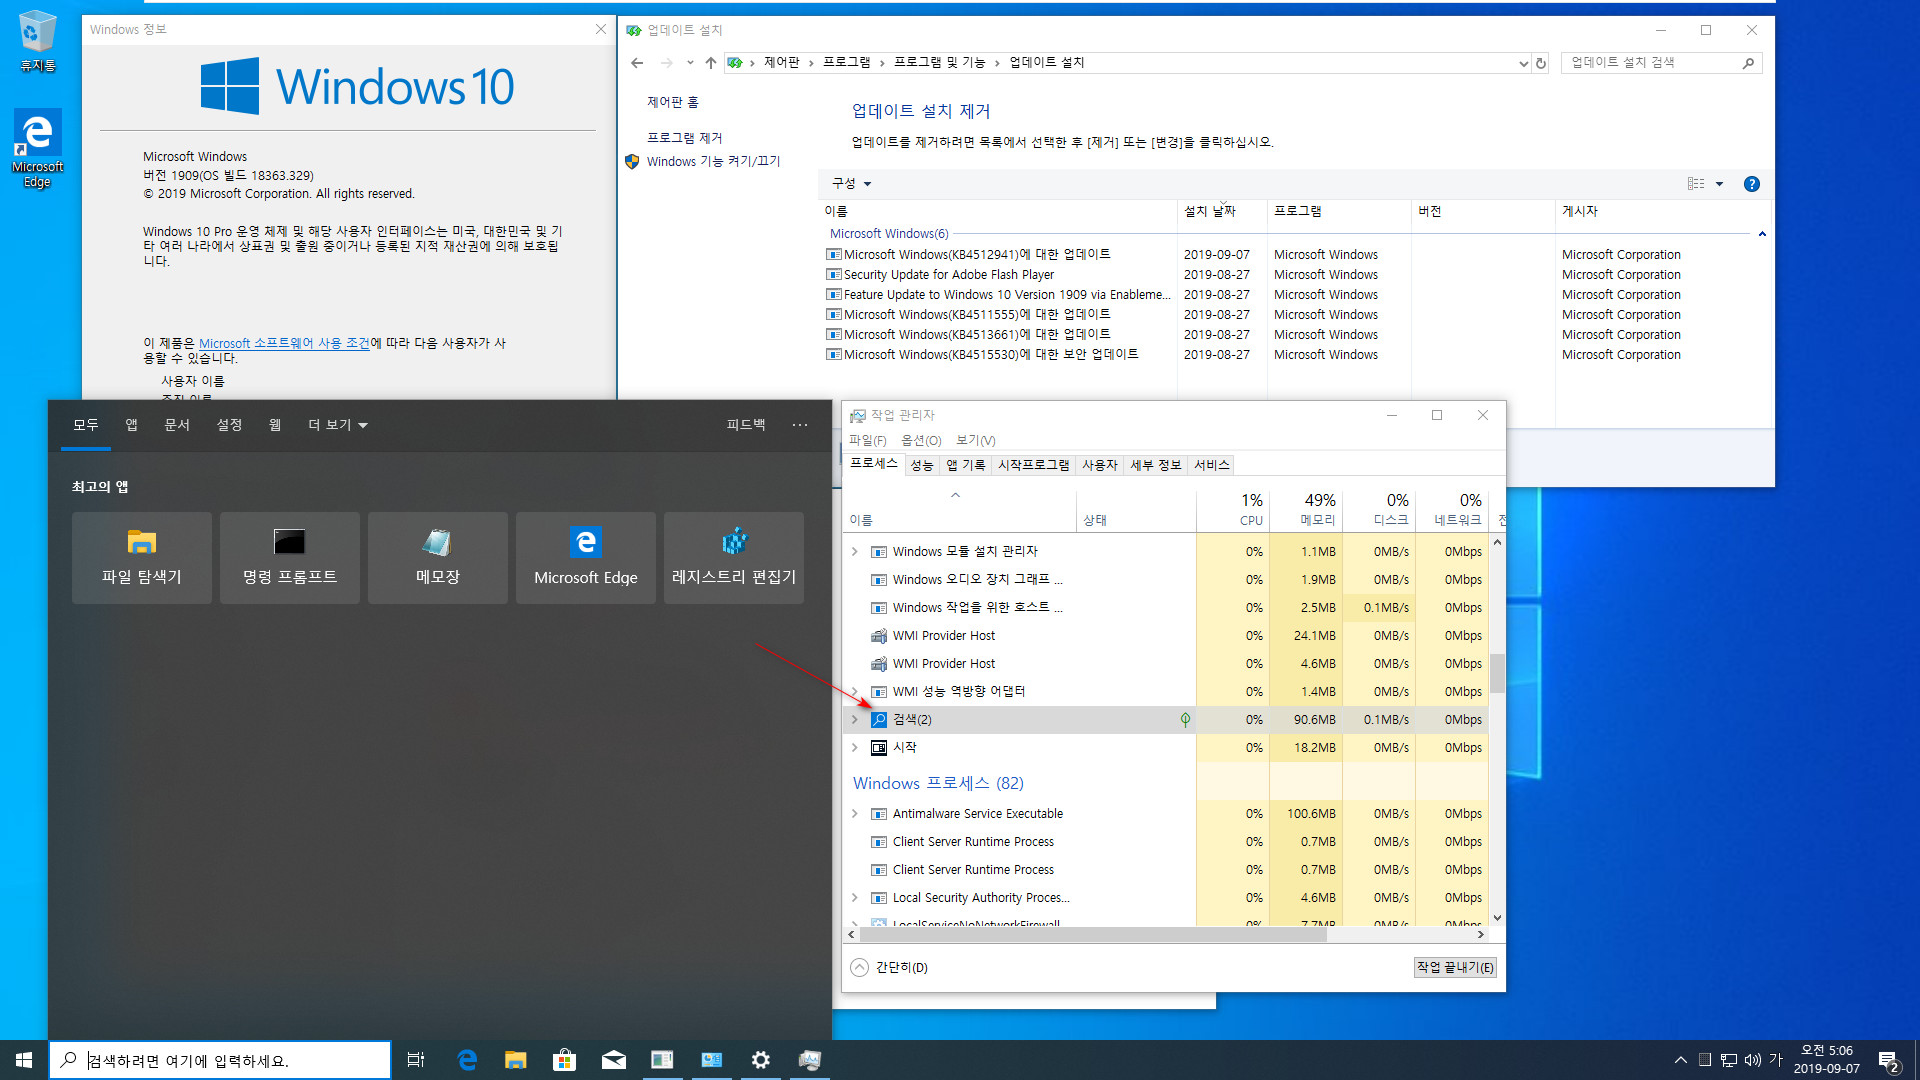 Windows 10 19H2 버전 1909 (OS 빌드 18363.327) 릴리스 프리뷰 - ms 에서 배포한 iso 에18363.329 빌드 KB4512941 설치 실패 해결하기 - 다시 도전 - 성공 2019-09-07_050616.jpg